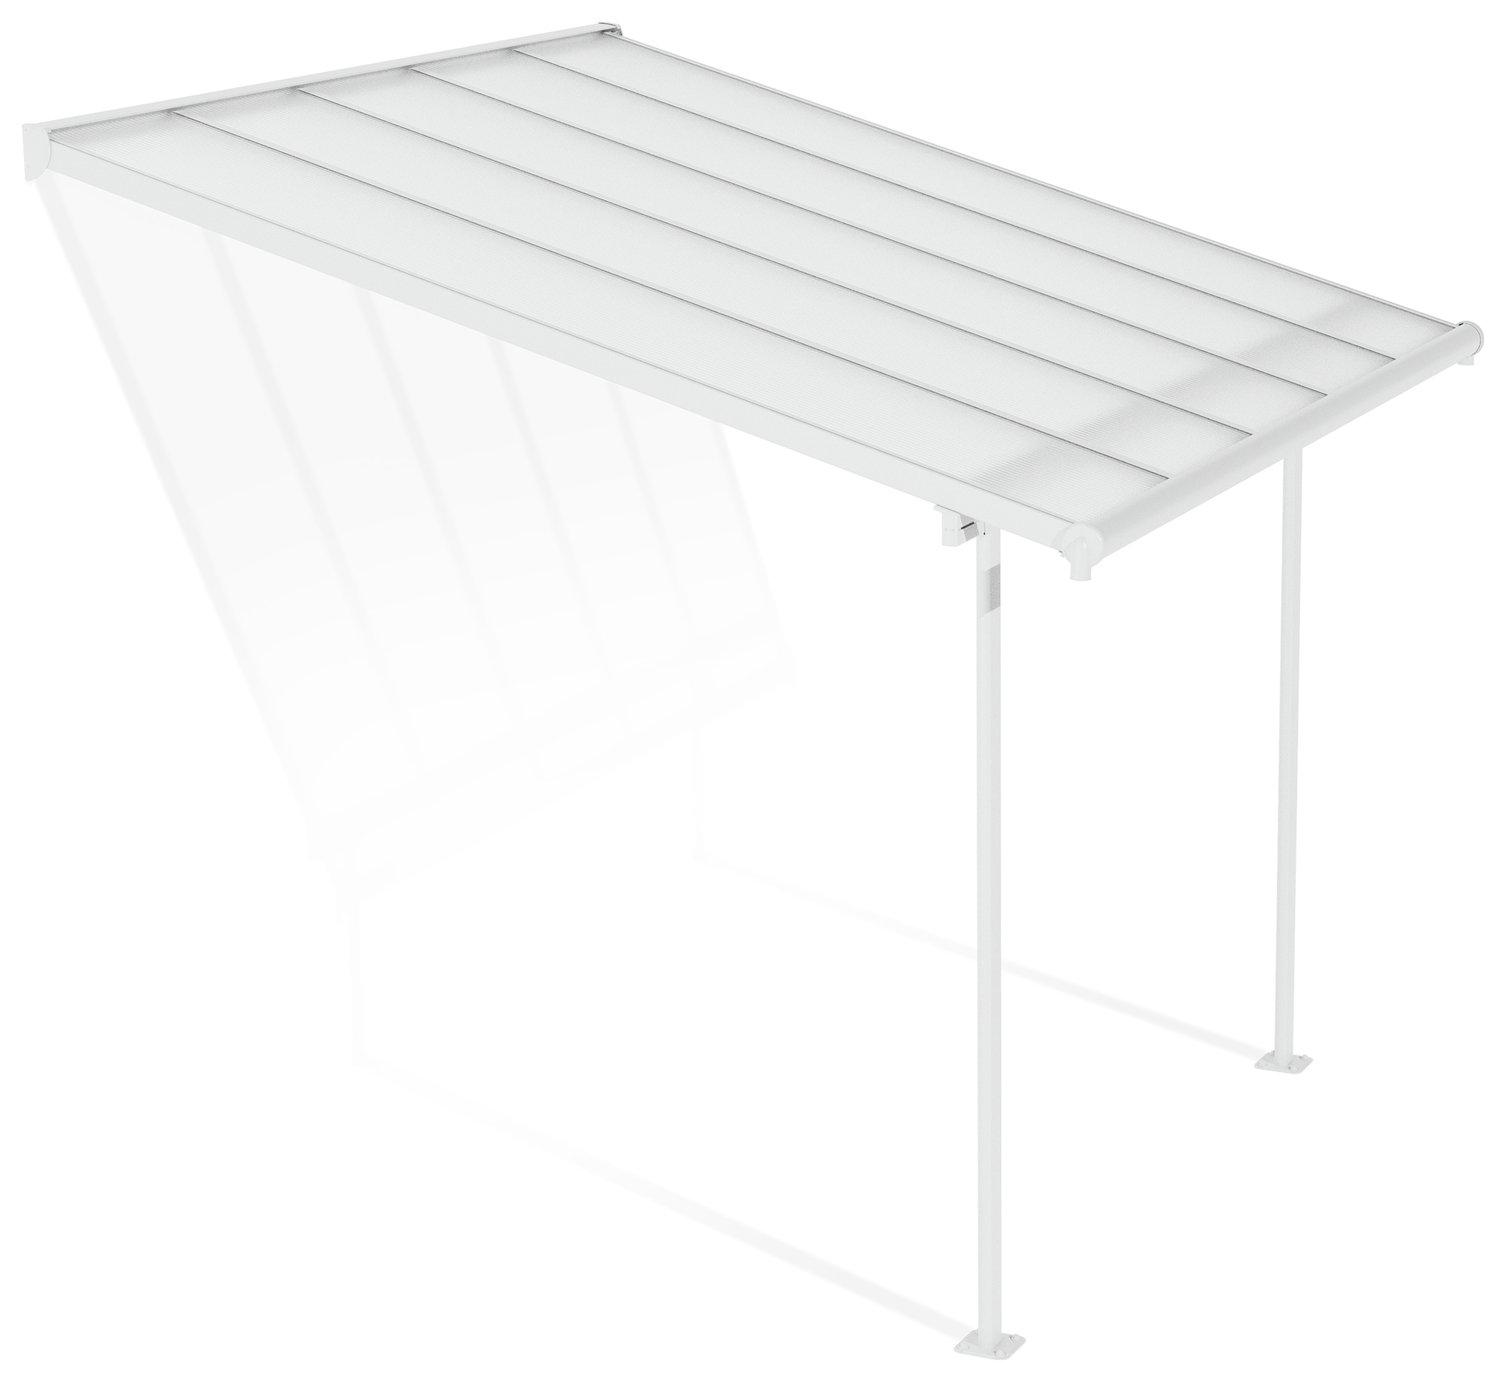 Palram - Canopia Sierra 3 x 3.05m Patio Cover - White Clear